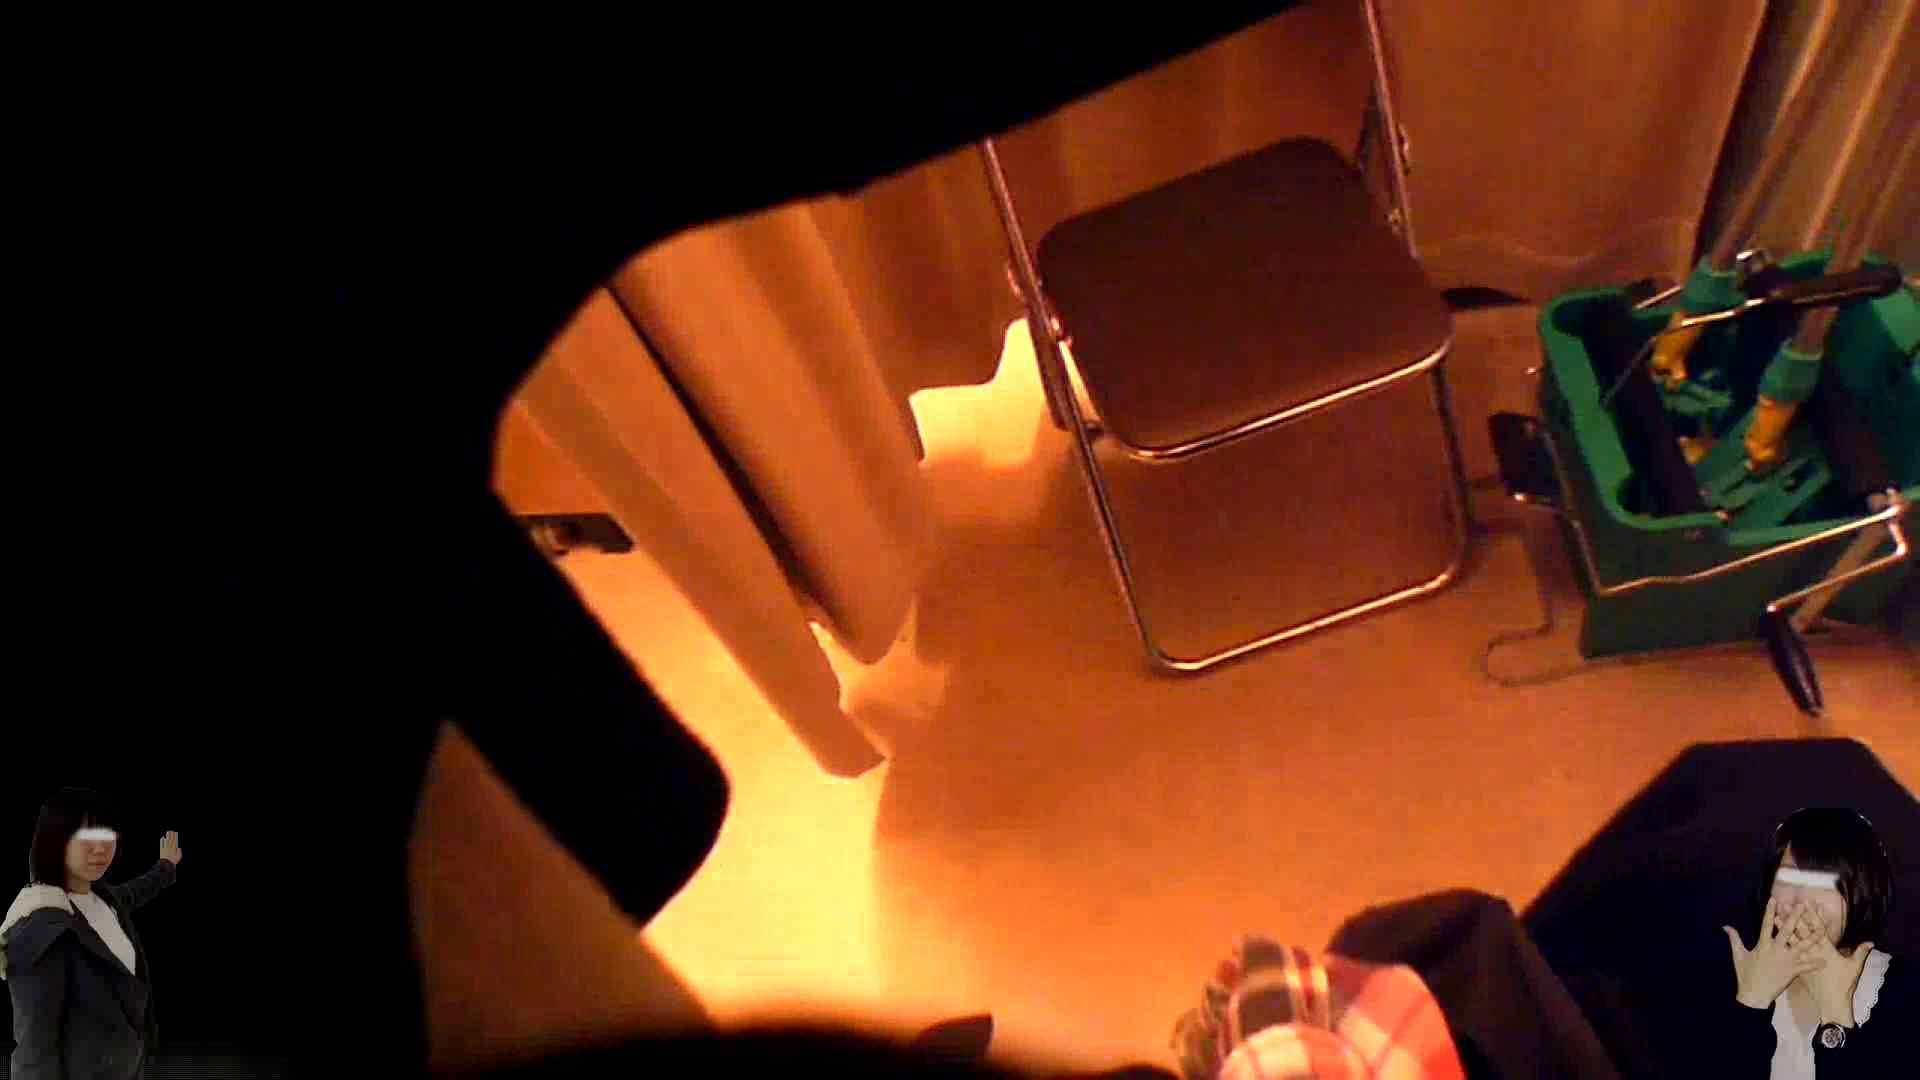 素人投稿 現役「JD」Eちゃんの着替え Vol.04 素人丸裸 おまんこ無修正動画無料 107pic 2